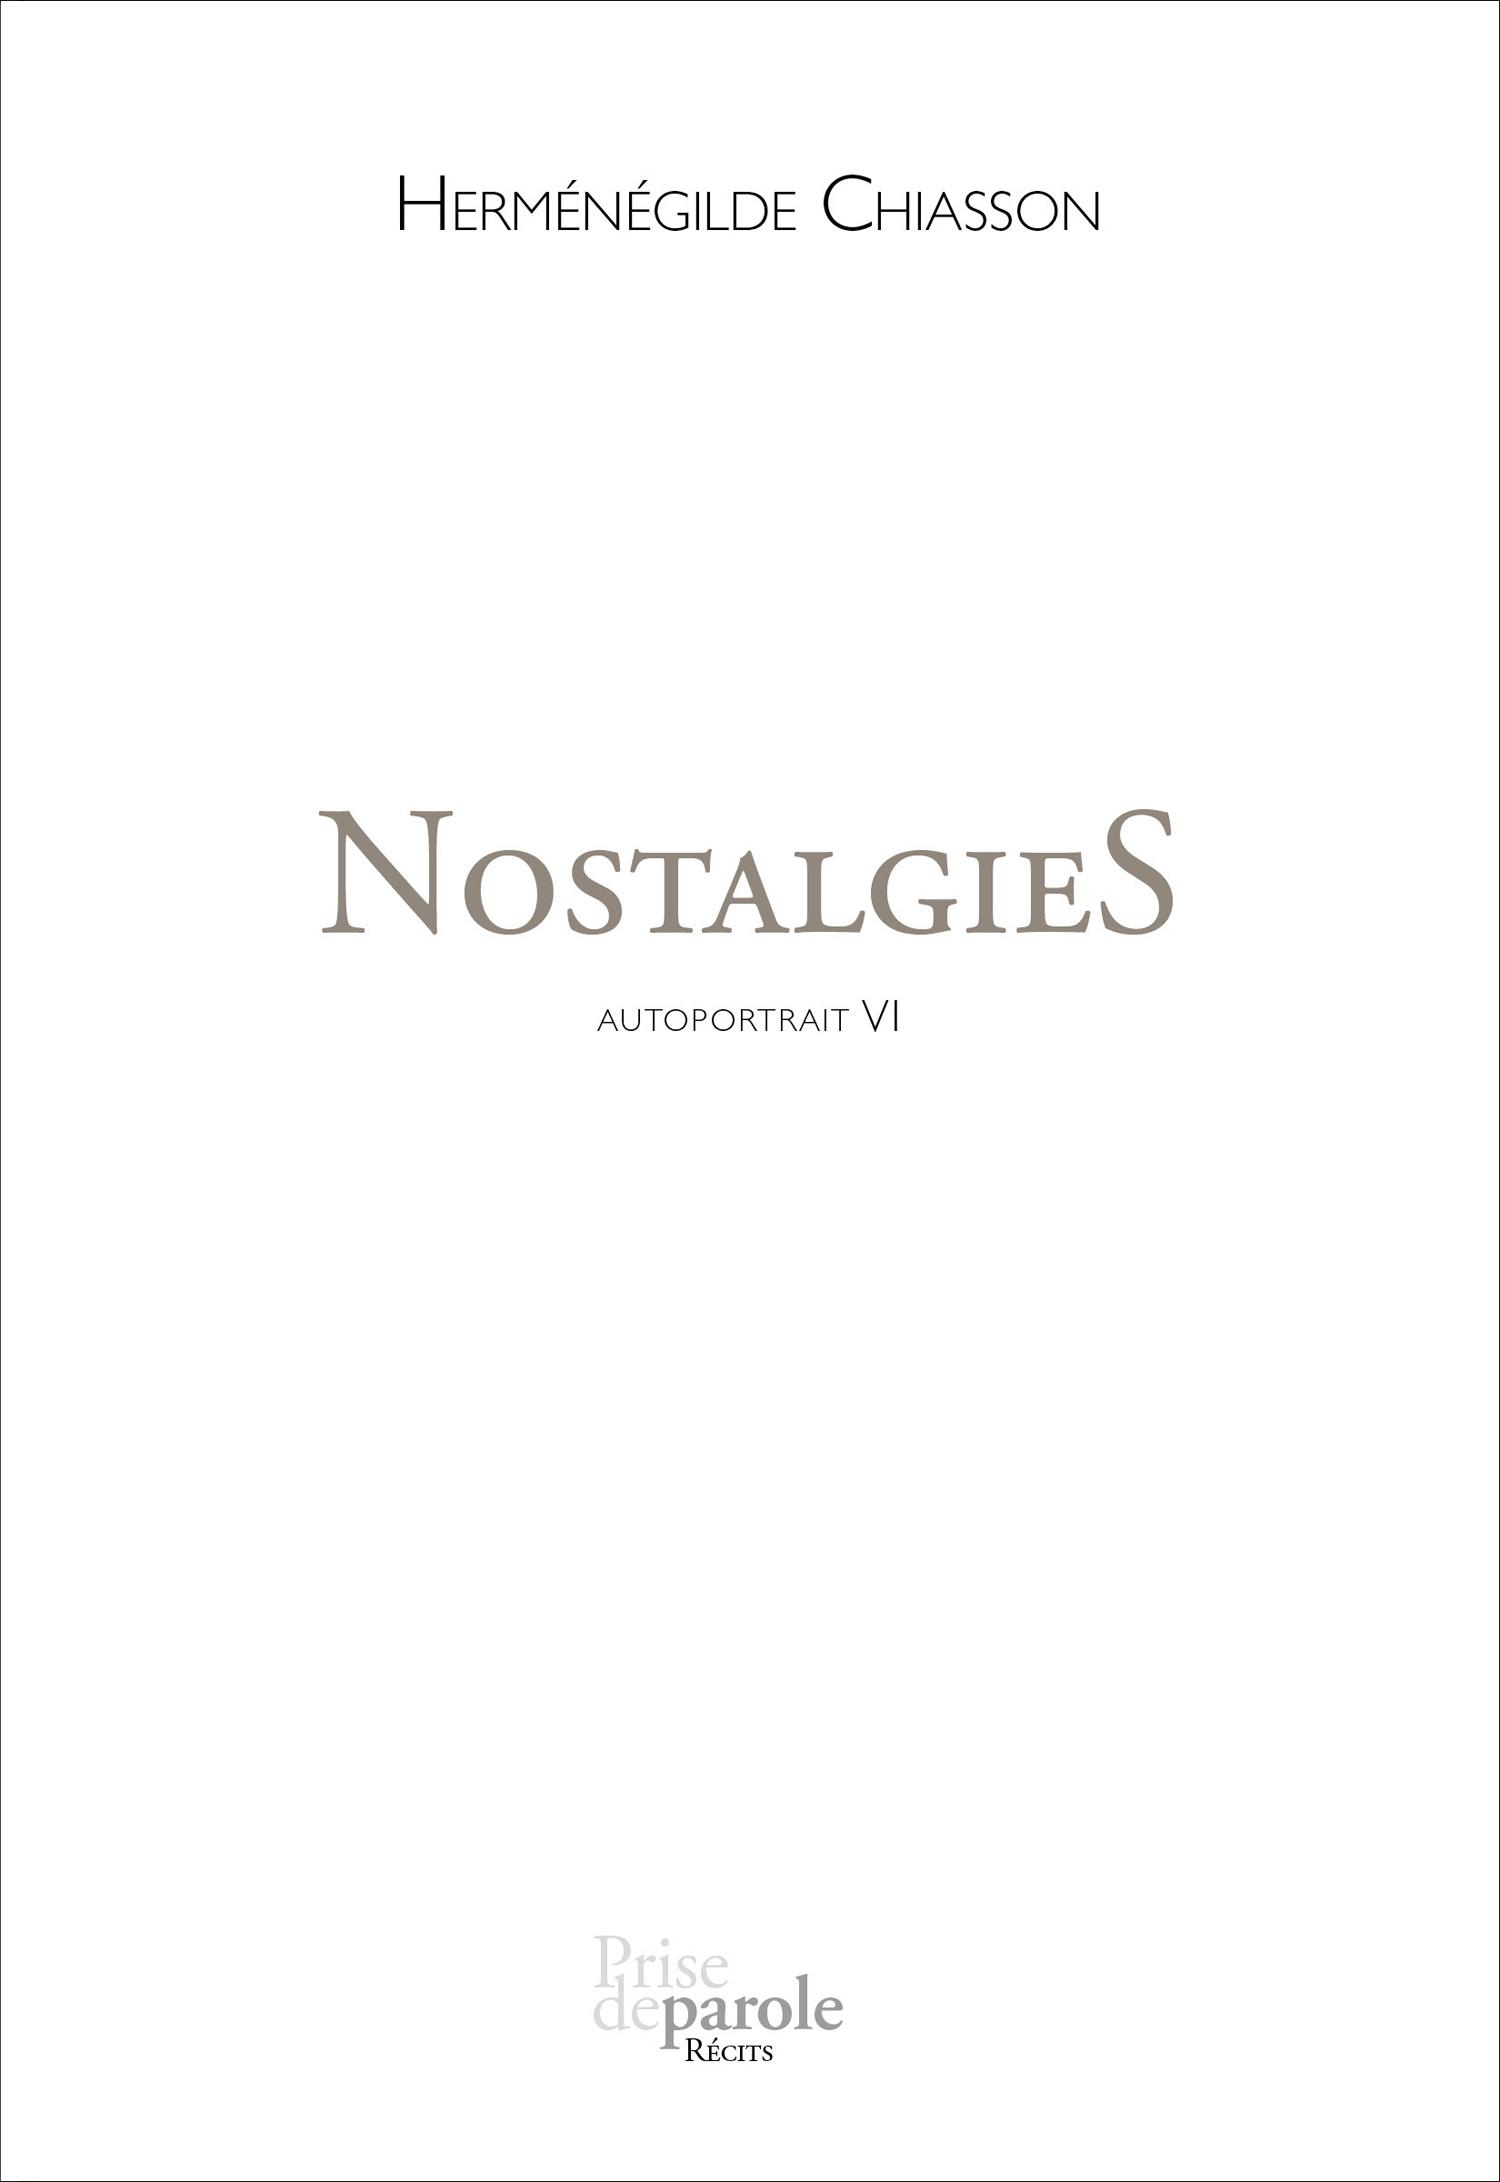 Couverture : Autoportrait T.6: Nostalgies Herménégilde Chiasson